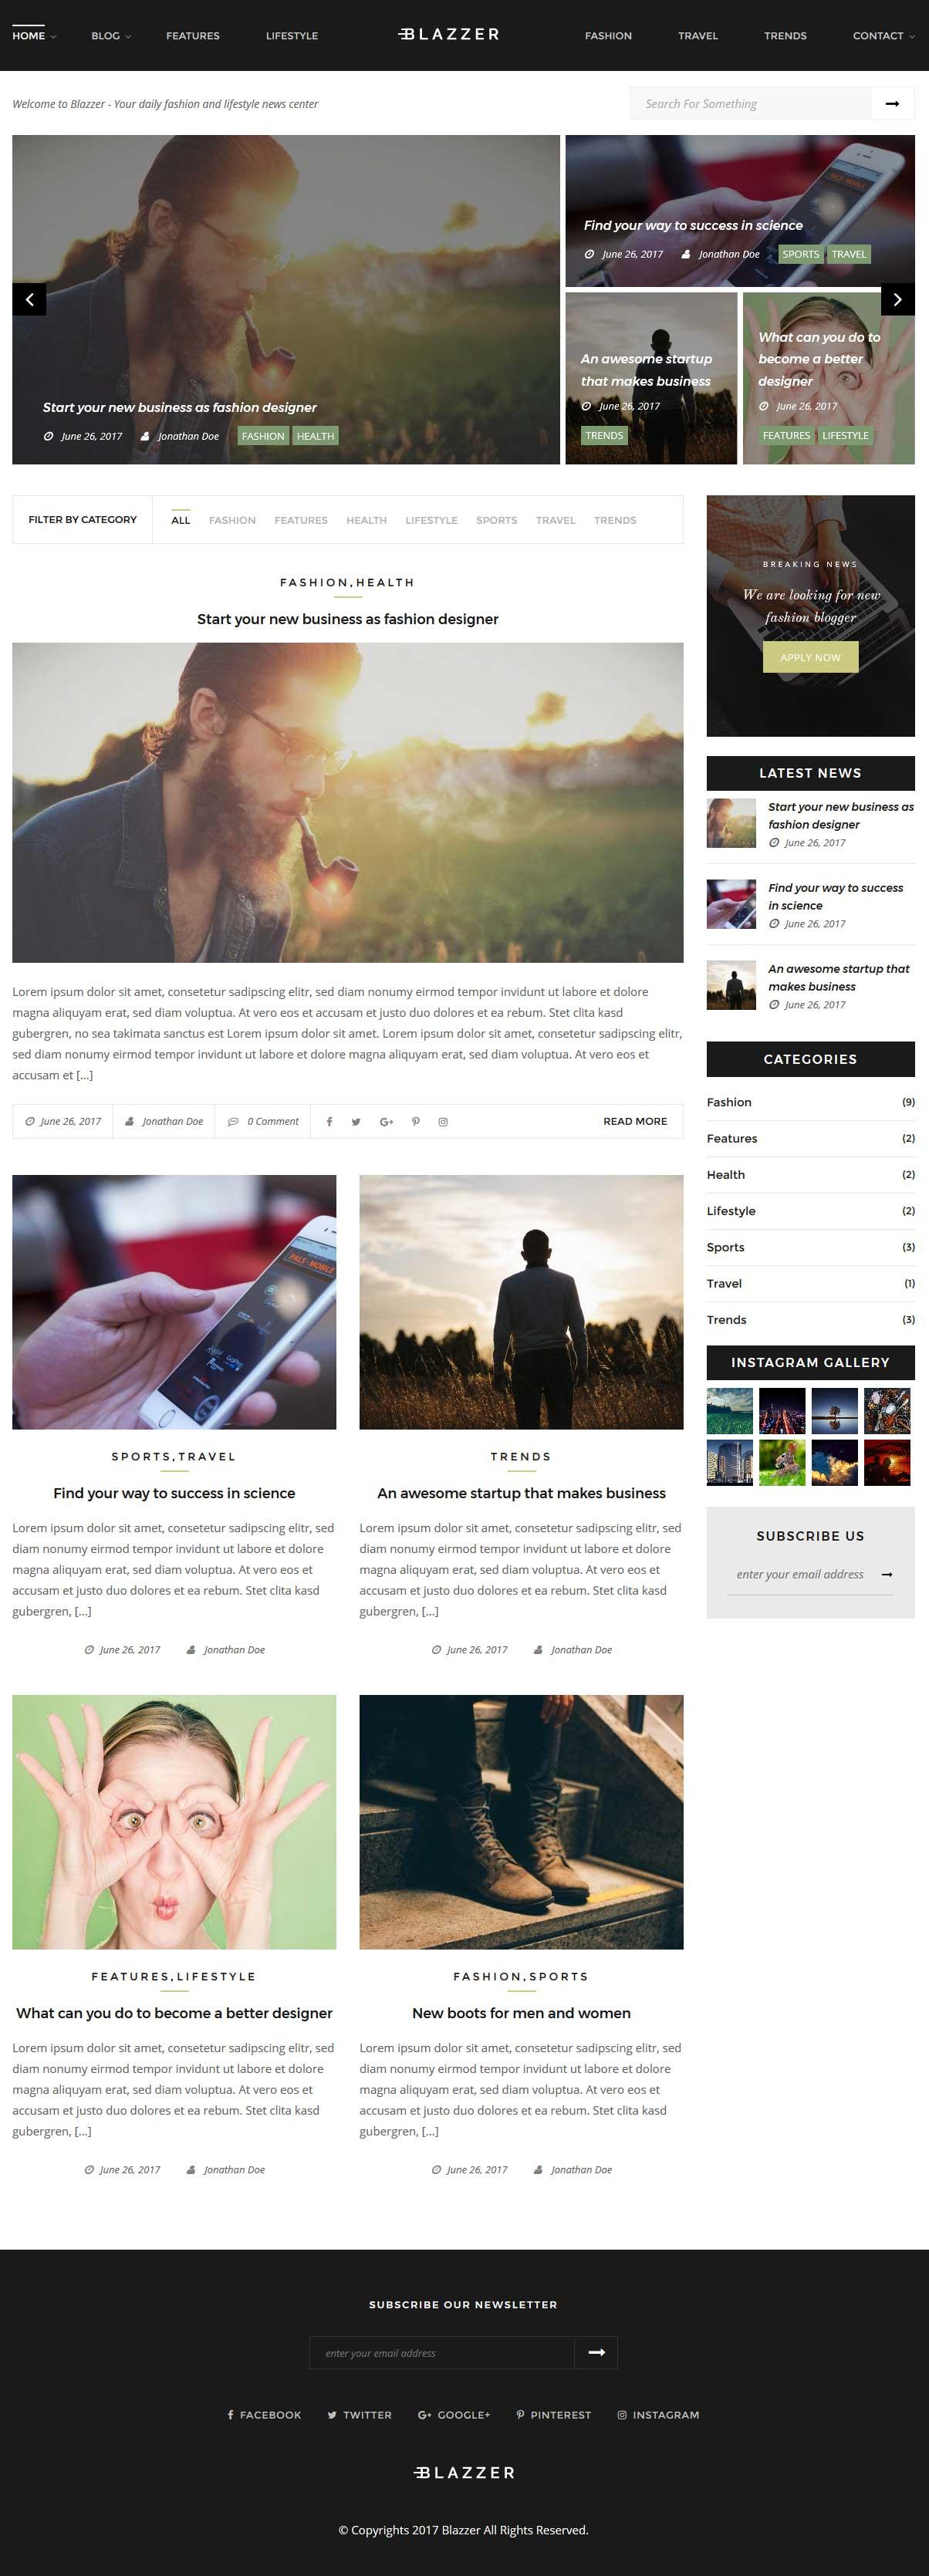 Blazzer - Persönliches / Mode Blog WordPress Theme